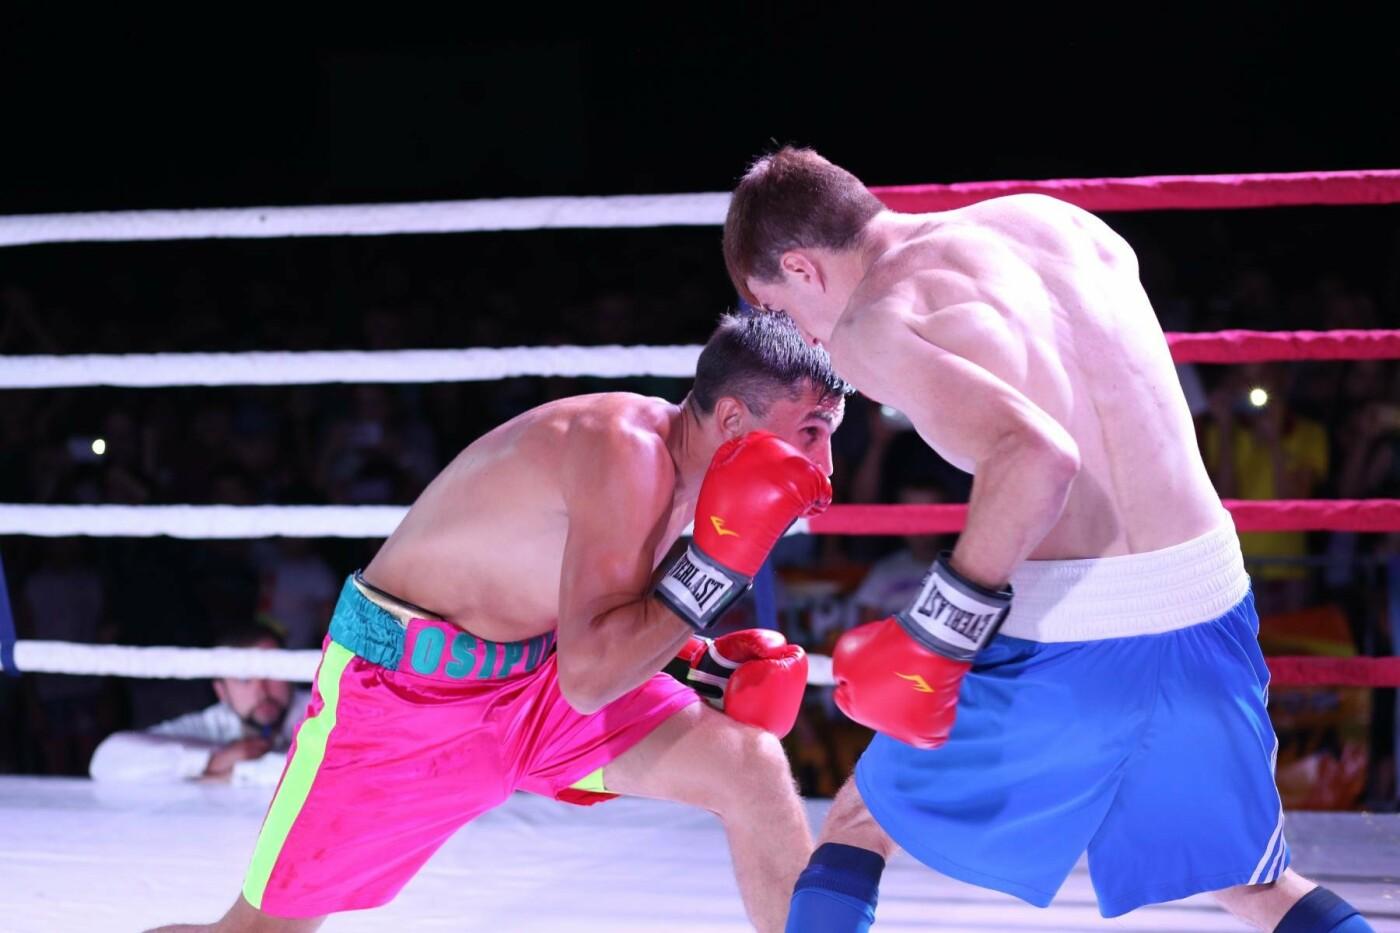 Артур Осипов выиграл бой под открытым небом Мичуринска , фото-1